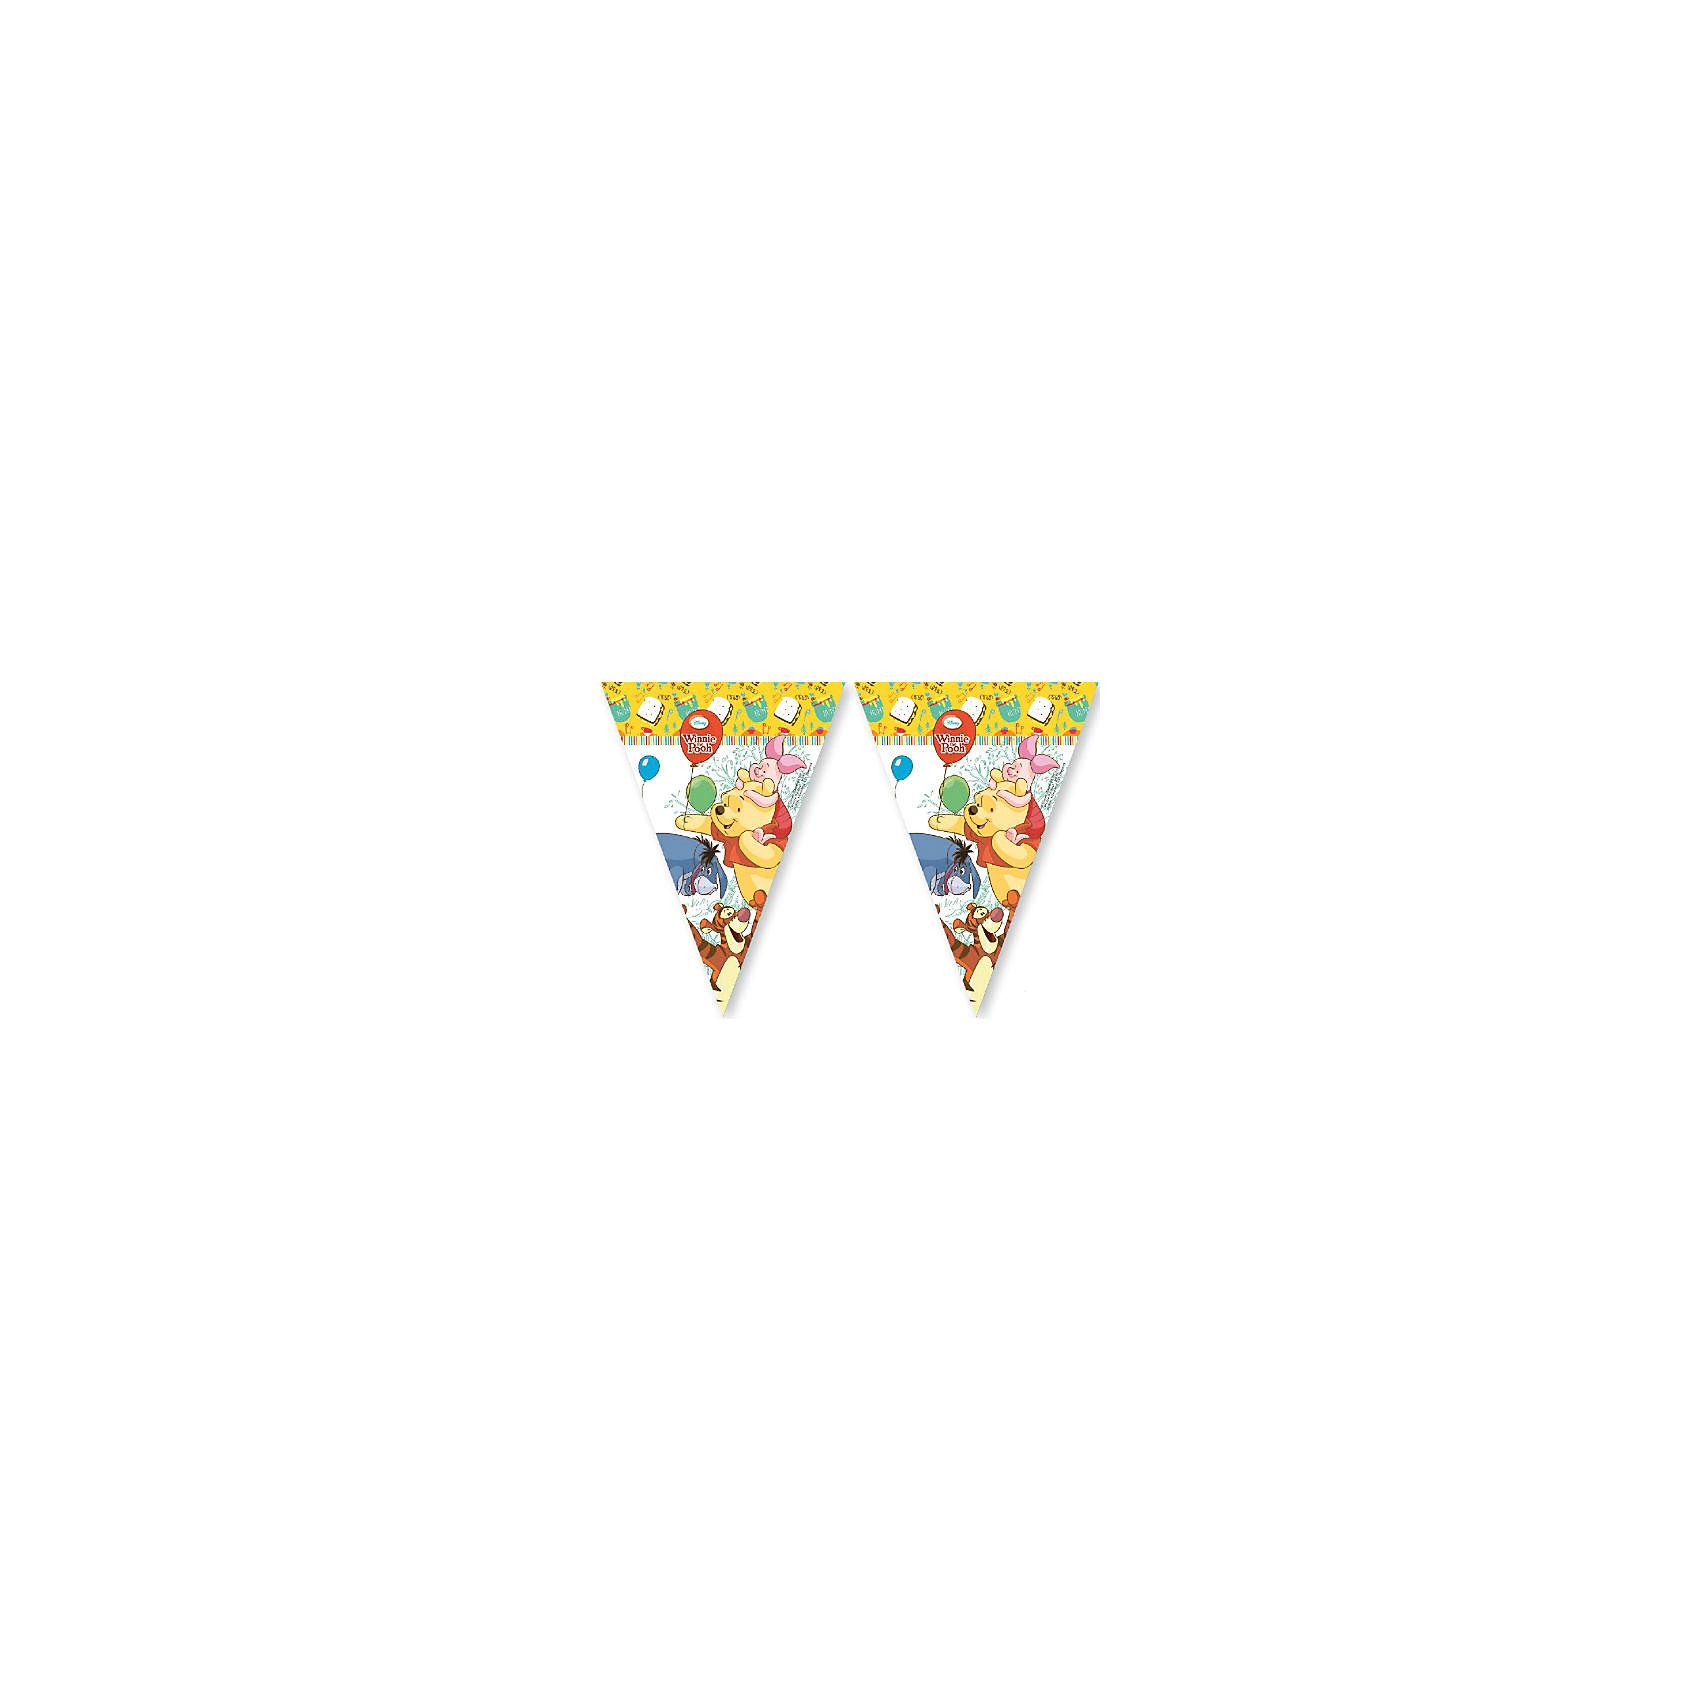 Гирлянда из 9 флажков  Винни и Хрюня )Всё для праздника<br>Гирлянда Винни-Пух и Пятачок – это девять треугольных флажков с изображением забавных персонажей любимого мультфильма: медвежонка Винни, поросенка Пятачка, ослика Иа и Тигры. Все они собрались, чтобы поздравить малыша с его важной датой. Такая гирлянда будет отличным украшением помещения, послужив отличным дополнением к праздничному оформлению. @#<br>Гирлянда произведена греческим брендом Procos, на протяжении многих лет специализирующемся на товарах для детского праздника. Товар изготовлен из безопасных для здоровья ребенка материалов, прошедших соответствие европейским стандартам качества.<br><br>Ширина мм: 1<br>Глубина мм: 224<br>Высота мм: 370<br>Вес г: 5<br>Возраст от месяцев: 36<br>Возраст до месяцев: 120<br>Пол: Унисекс<br>Возраст: Детский<br>SKU: 6914337